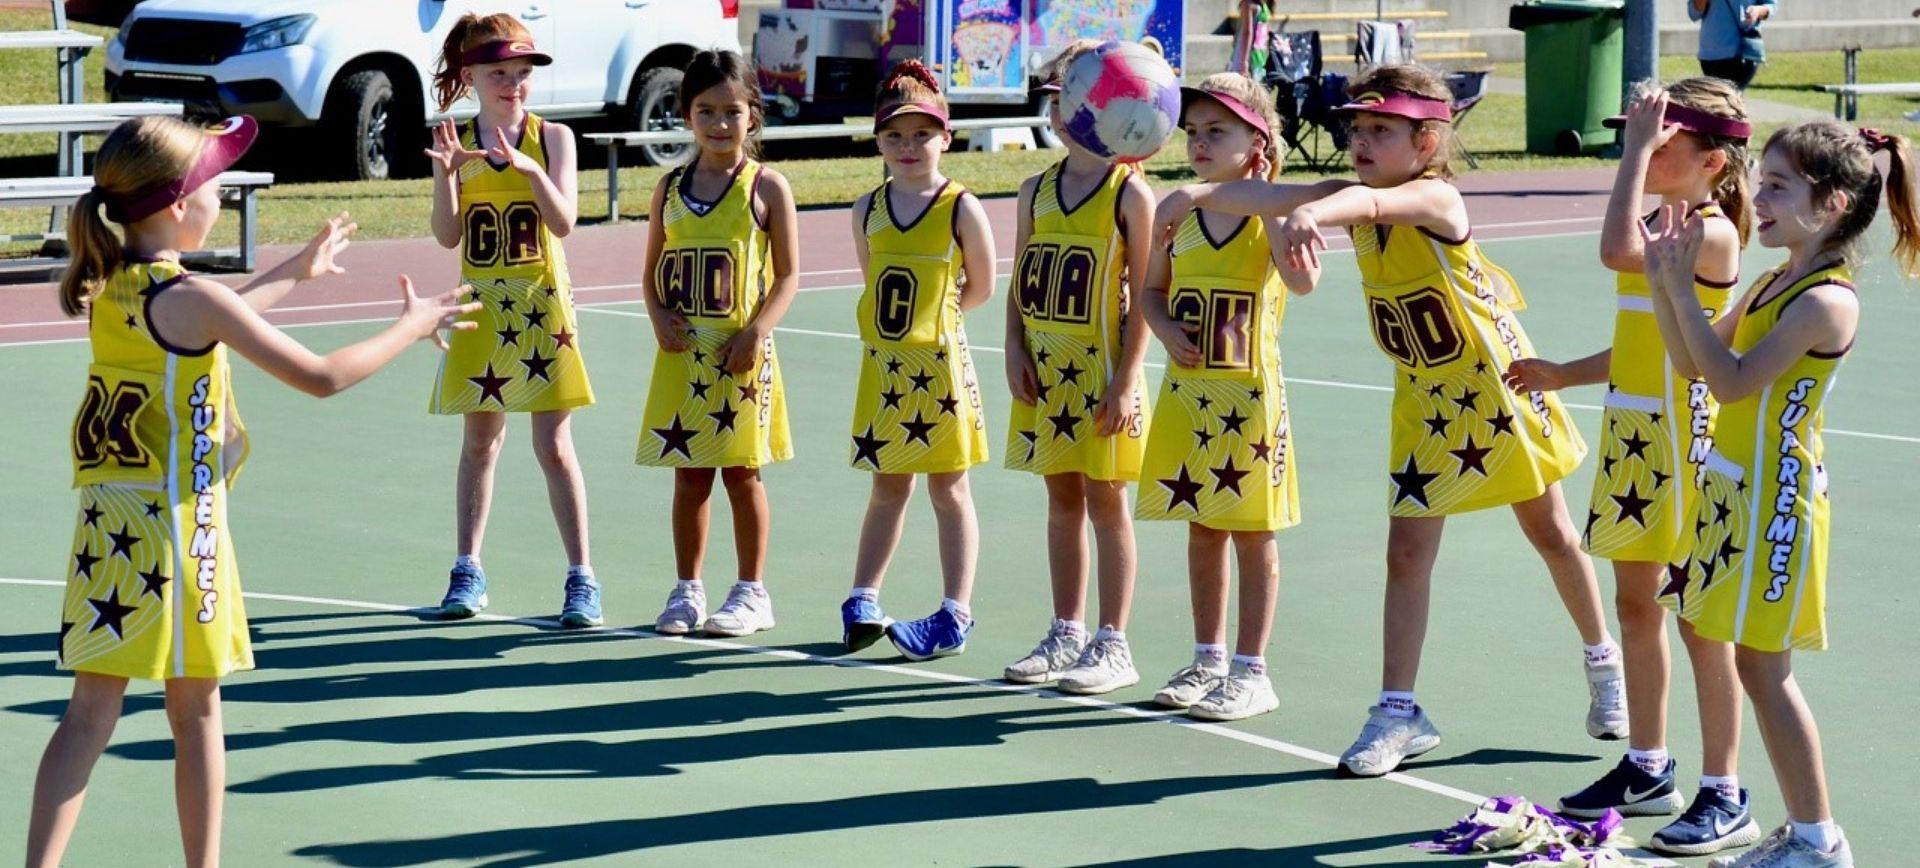 Origin Energy Primary Schools Cup